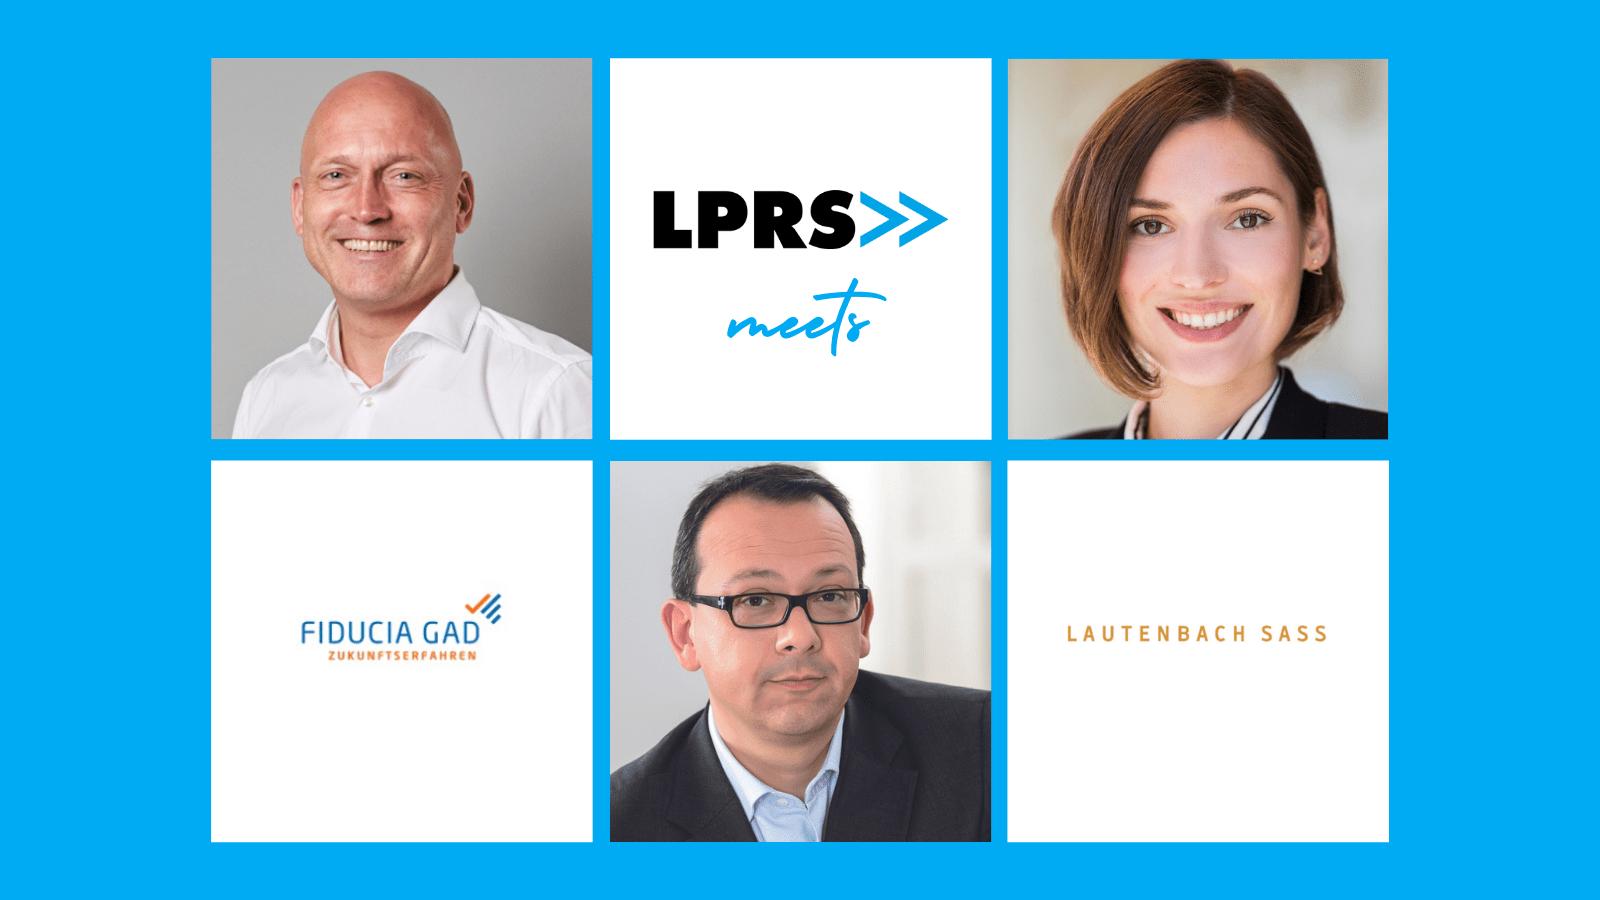 Kommunikation als Treiber der agilen Transformation: LPRS meets Lautenbach Sass und Fiducia & GAD IT AG